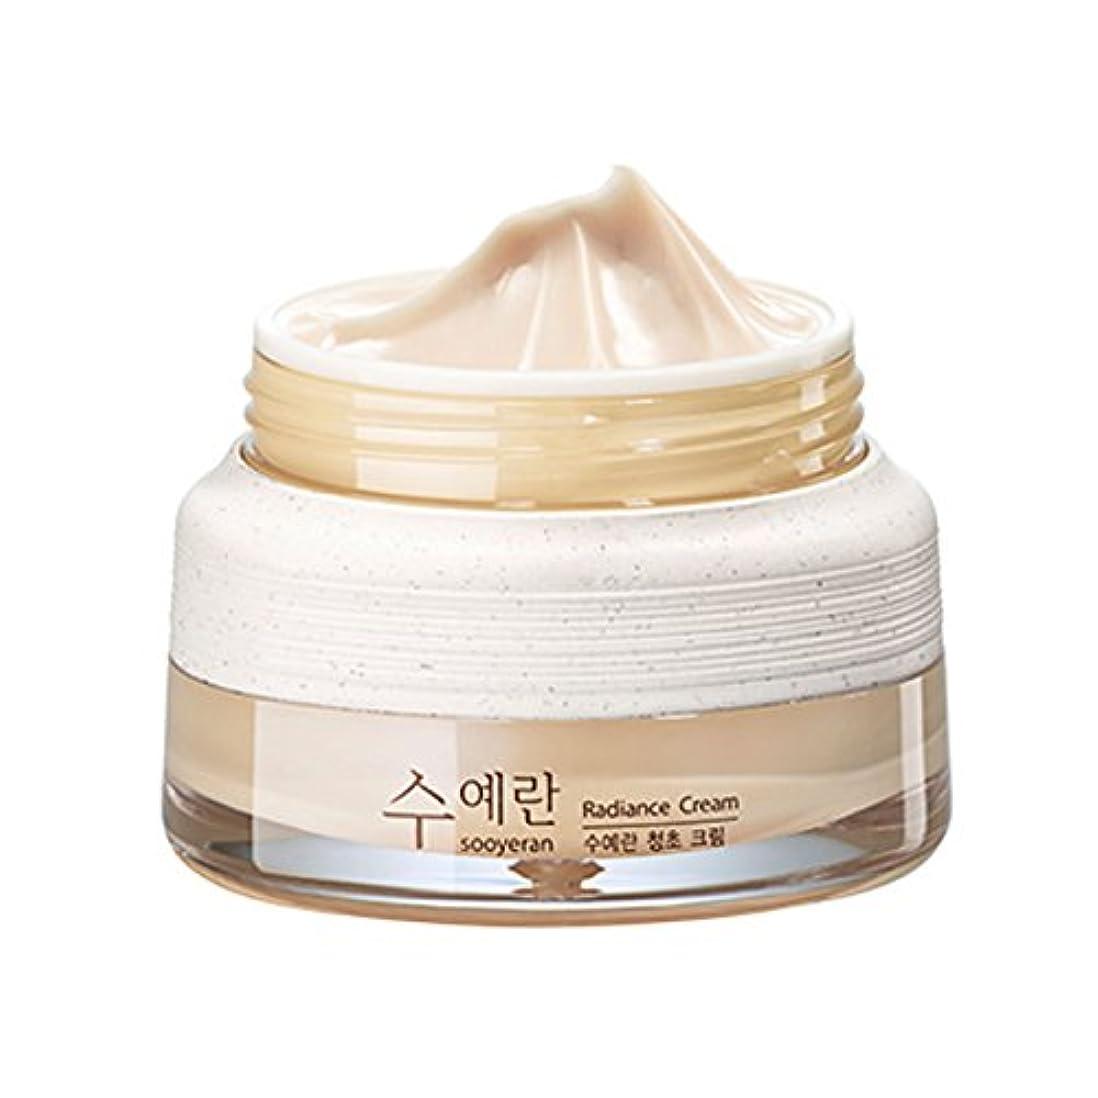 アロング初期コンデンサー[ザセム] The Saem スイエラン 清楚 クリーム Sooyeran Radiance Cream (海外直送品) [並行輸入品]